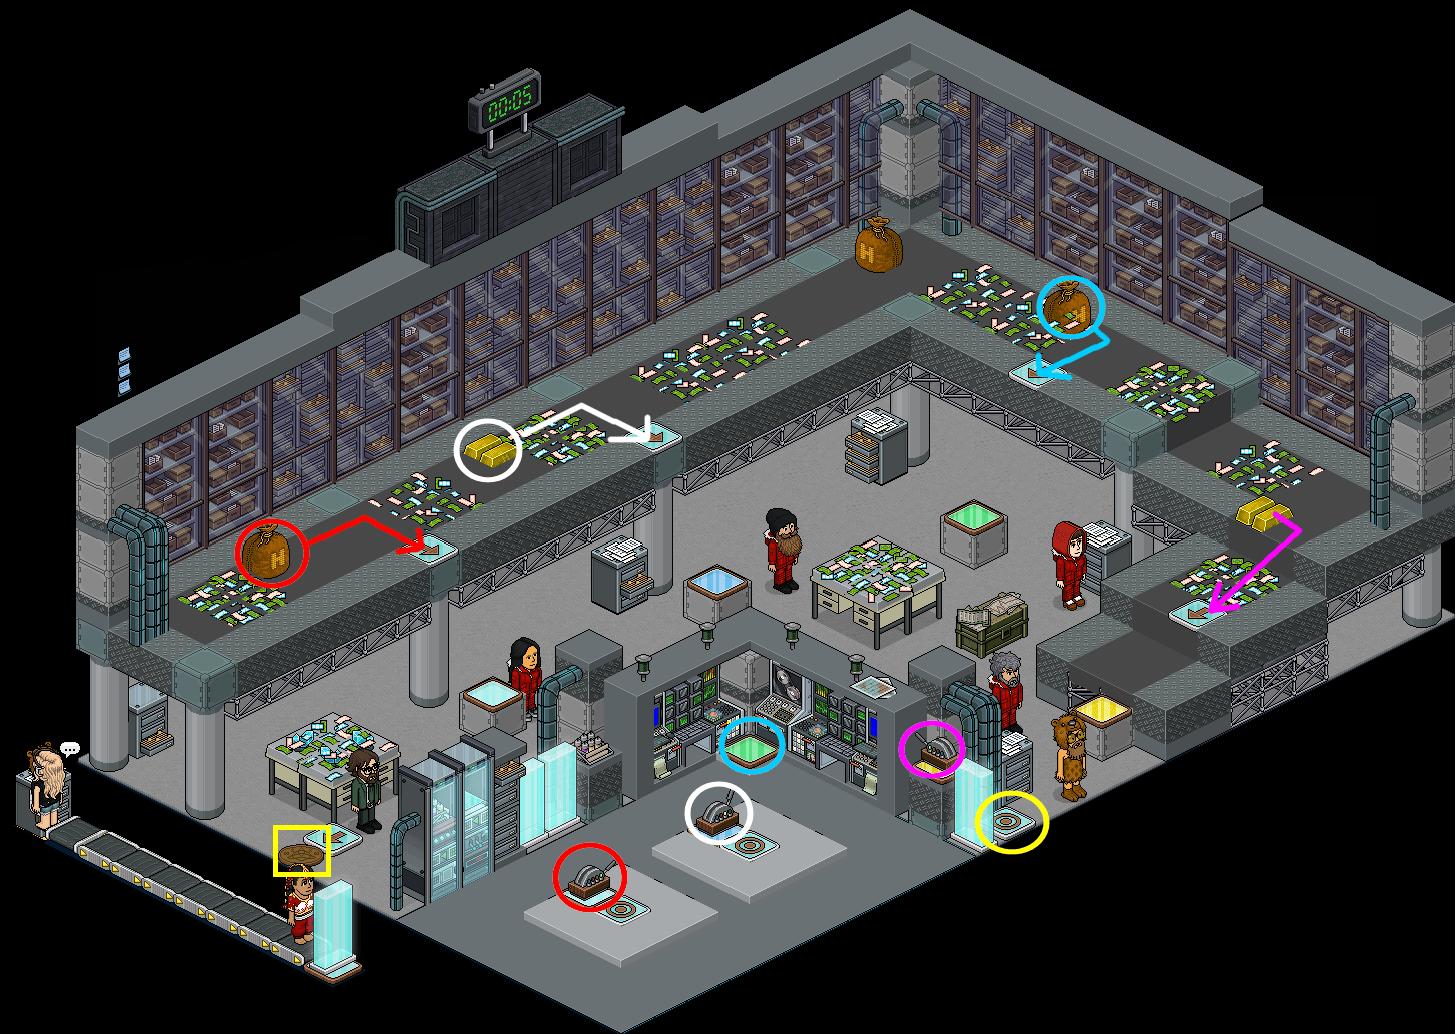 [CDP] - Fabrique de la Monnaie - Imprimerie